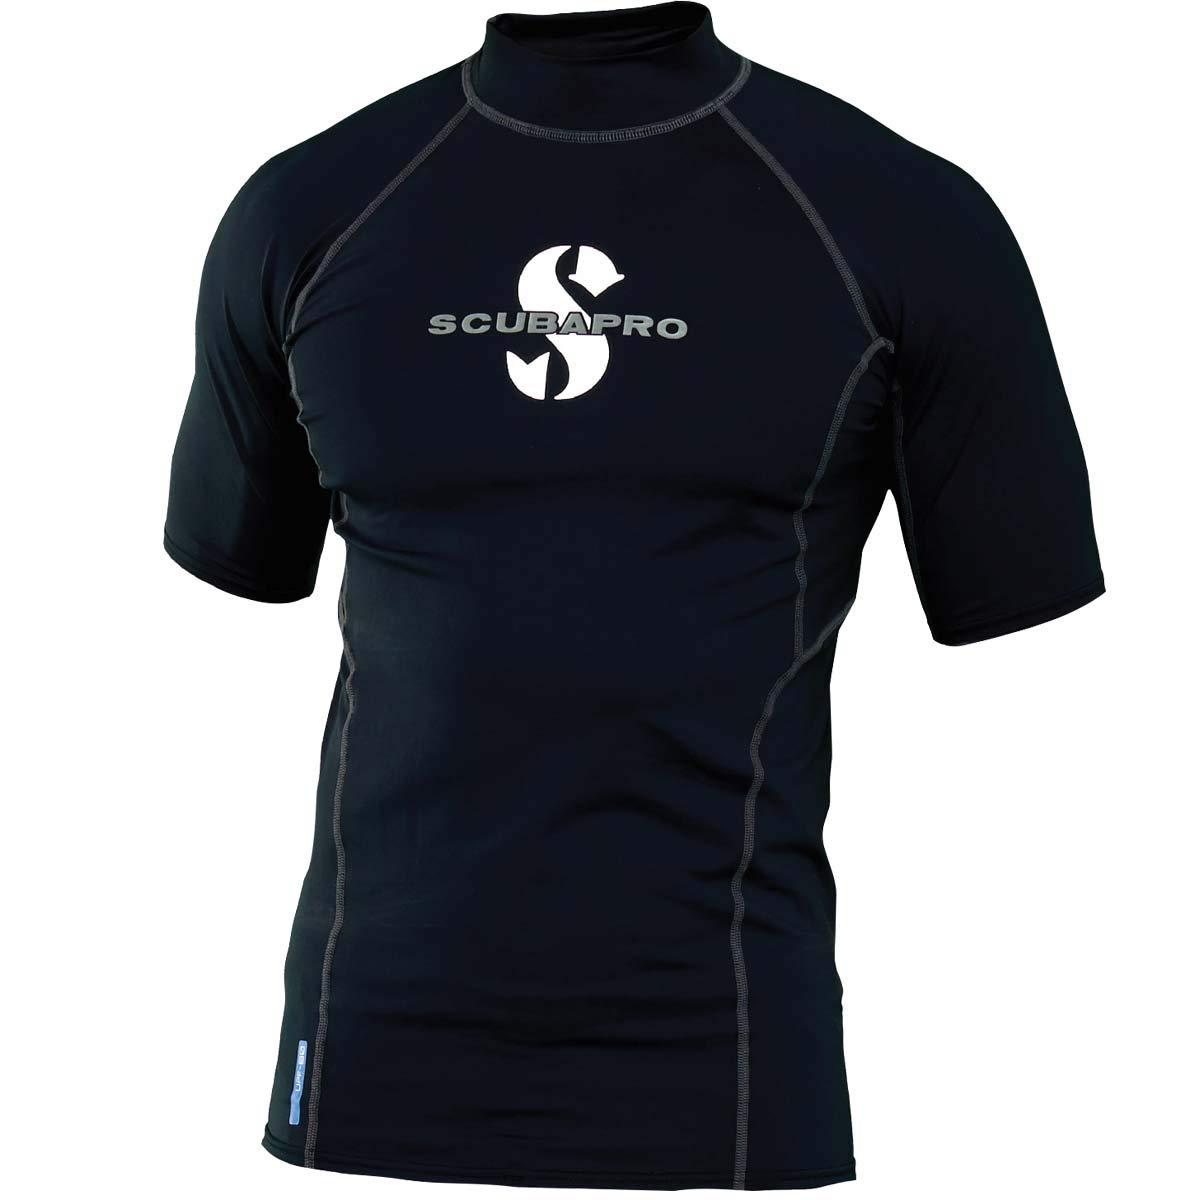 Scubapro Black Rash Guard Mens Short Sleeve (UPF50) - Black - L by Scubapro